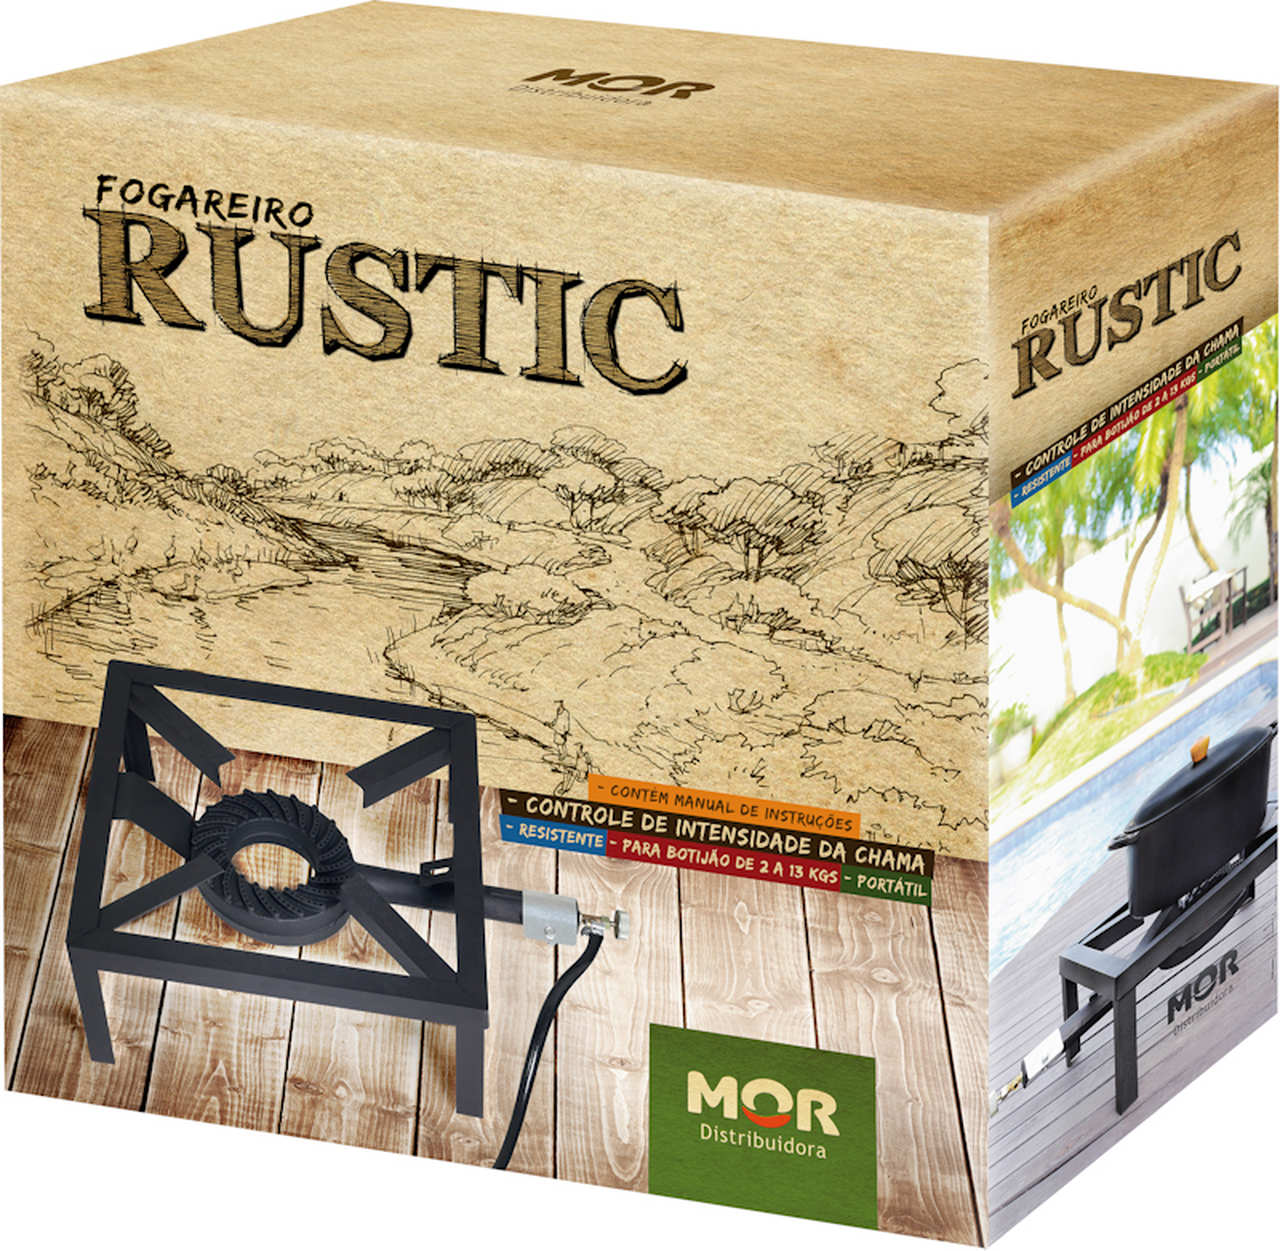 Fogareiro de Aço Rustic 55cm x 40cm MOR - 009098